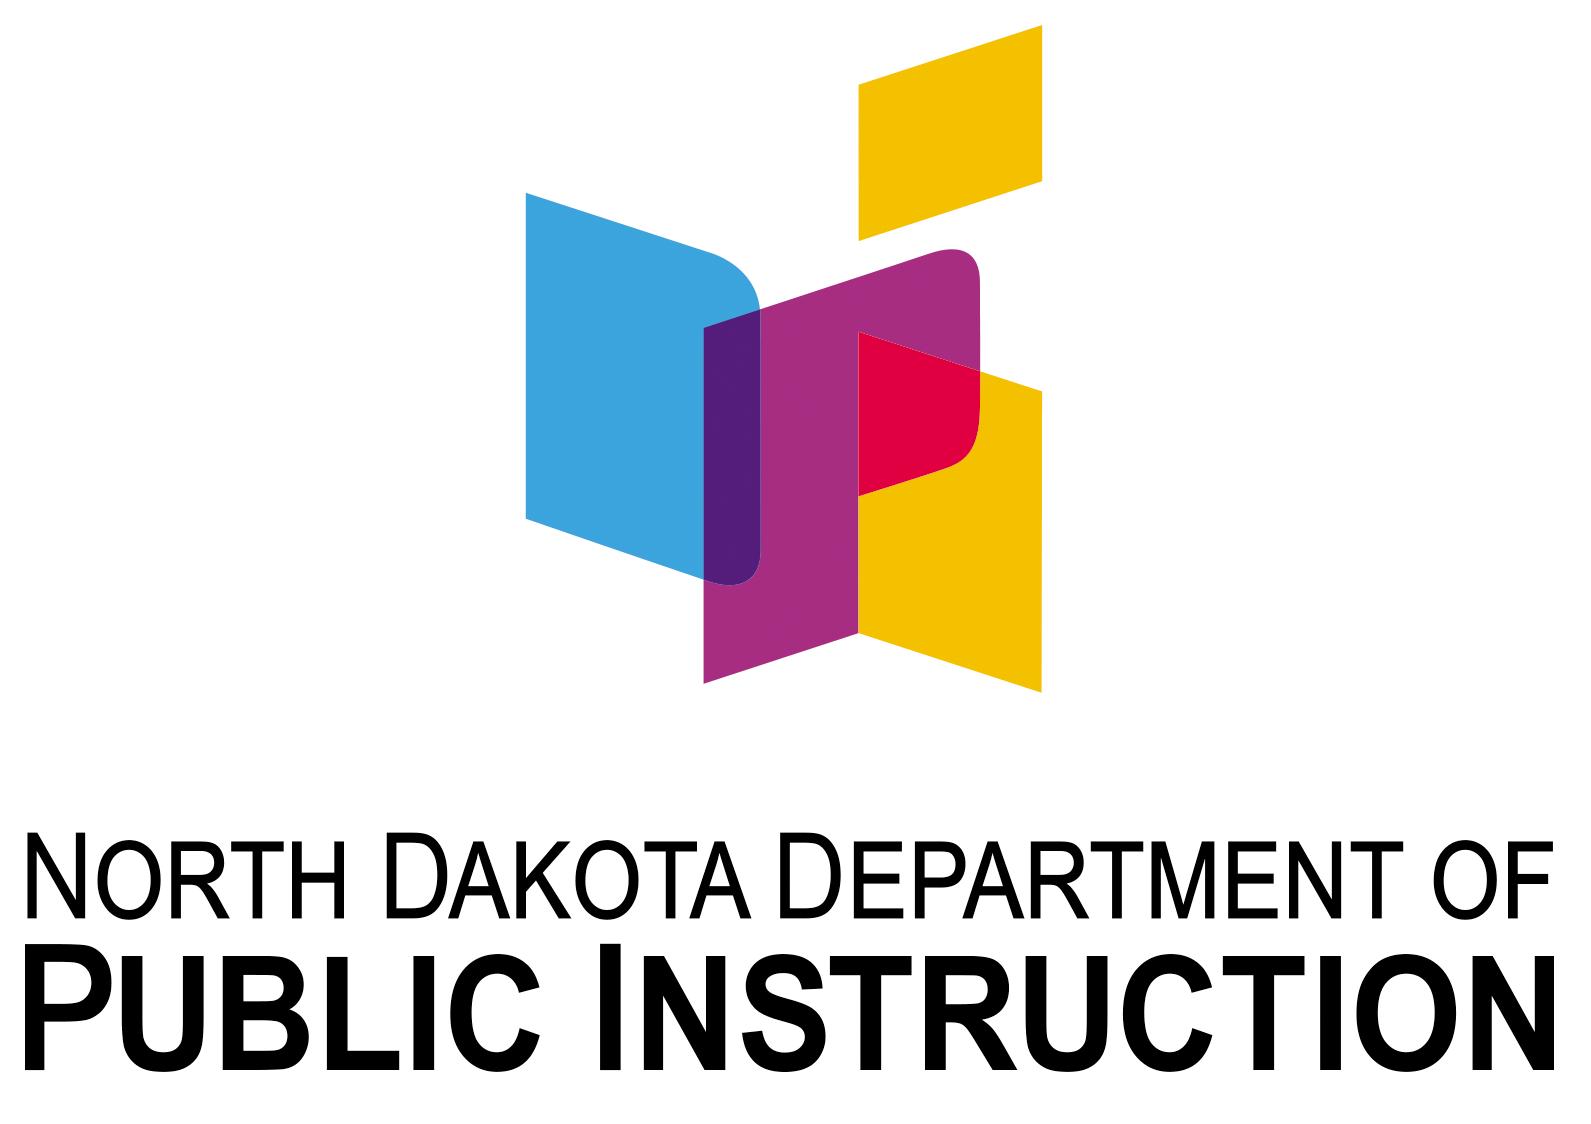 NDDPI logo